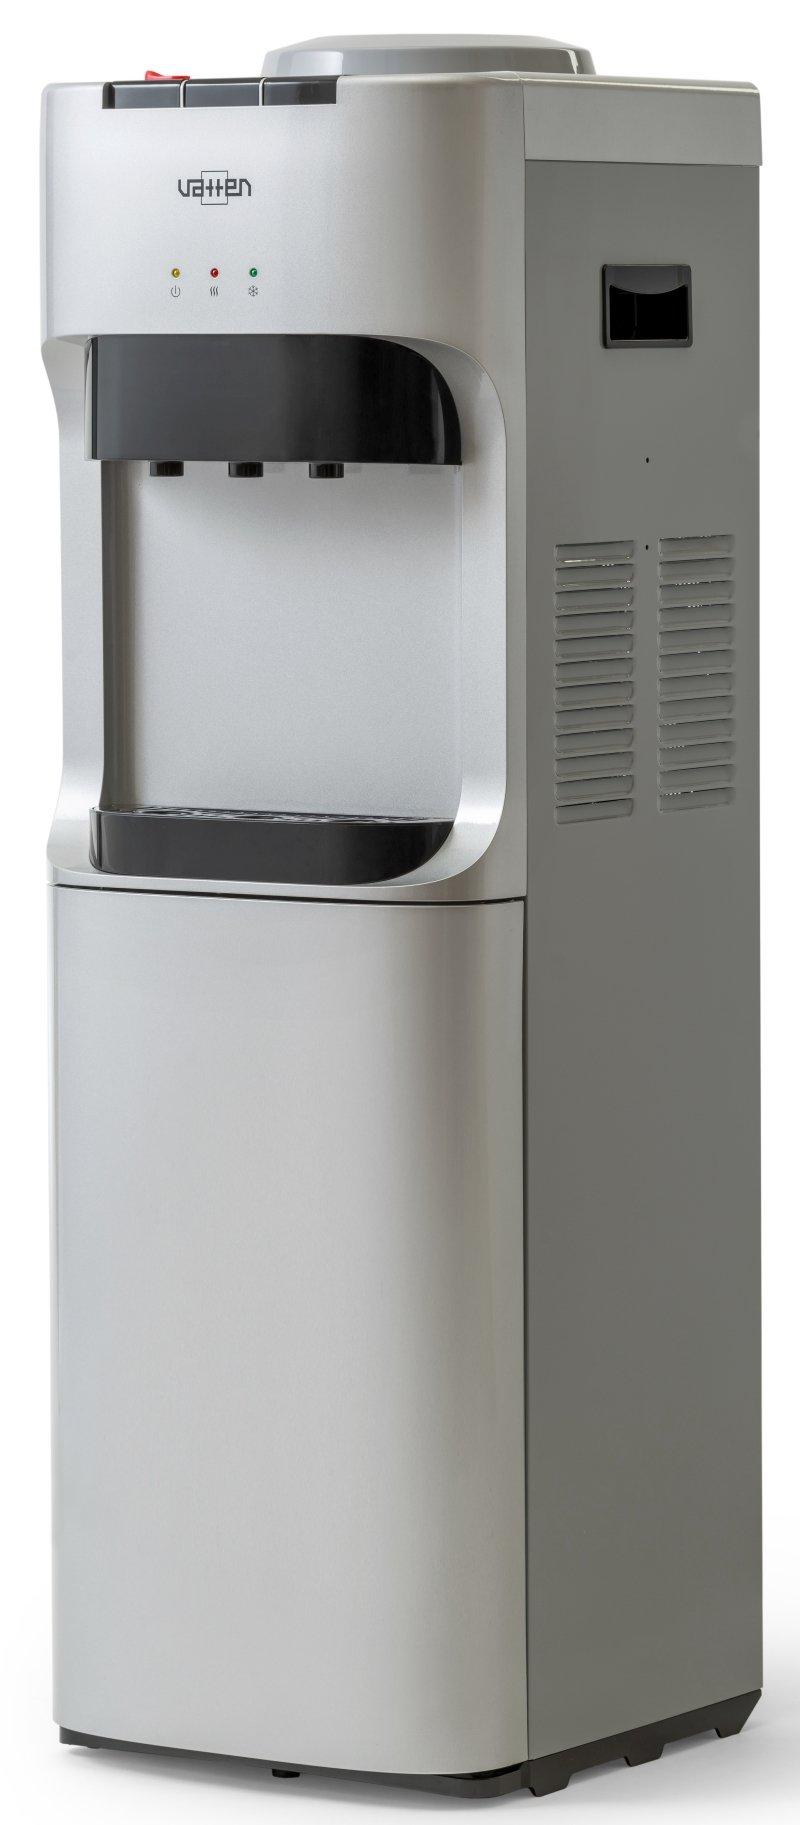 Кулер для воды Vatten V45SE напольный, с нагревом и охлаждением